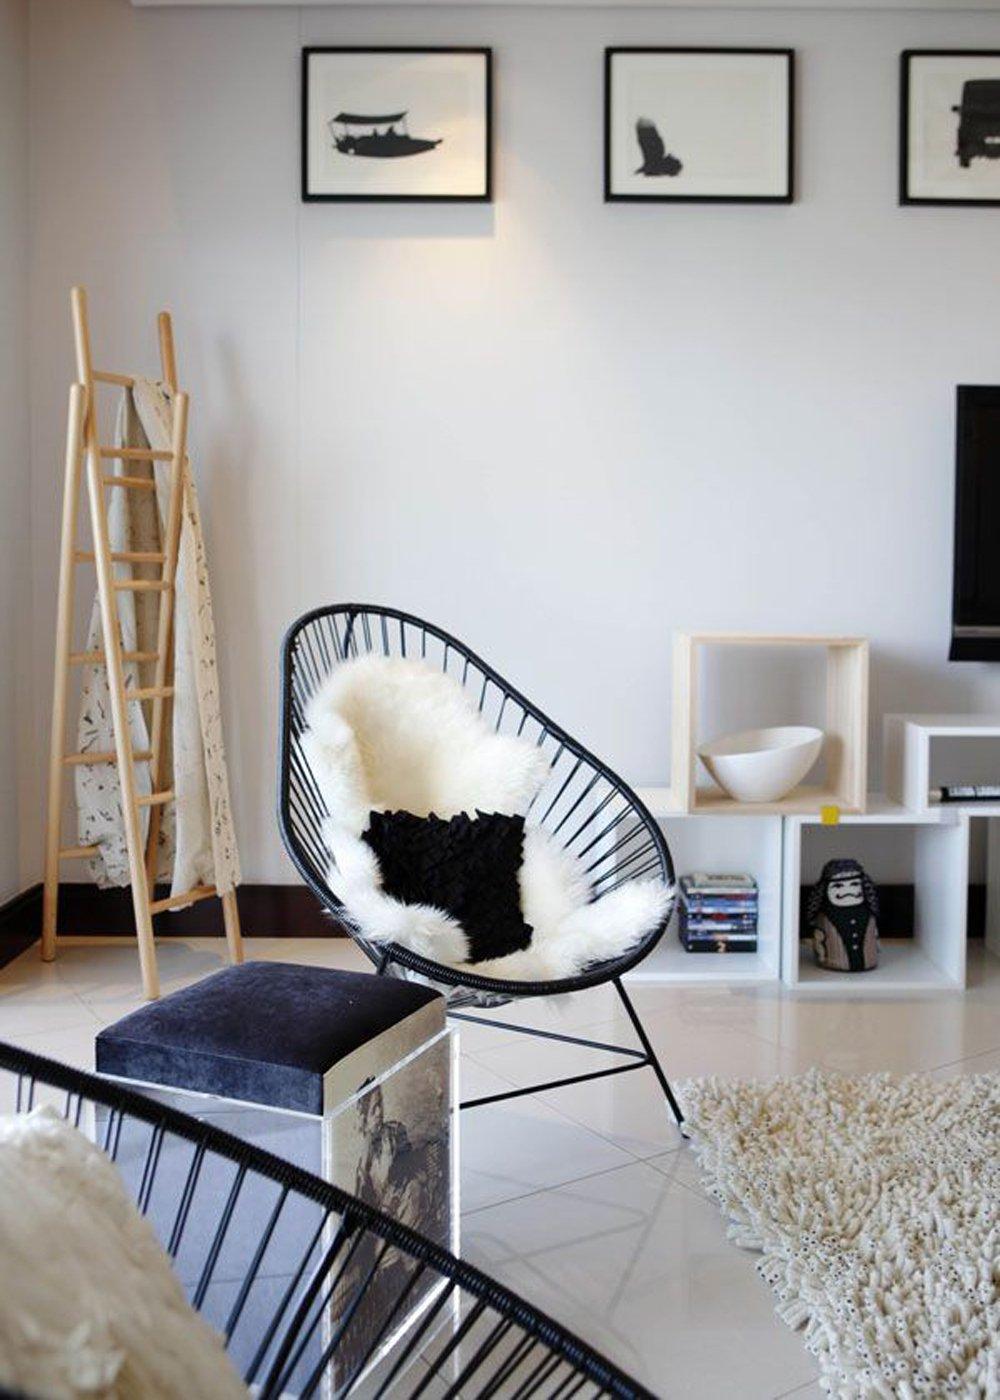 fauteuil_acapulco_noir_decoration-scandinave